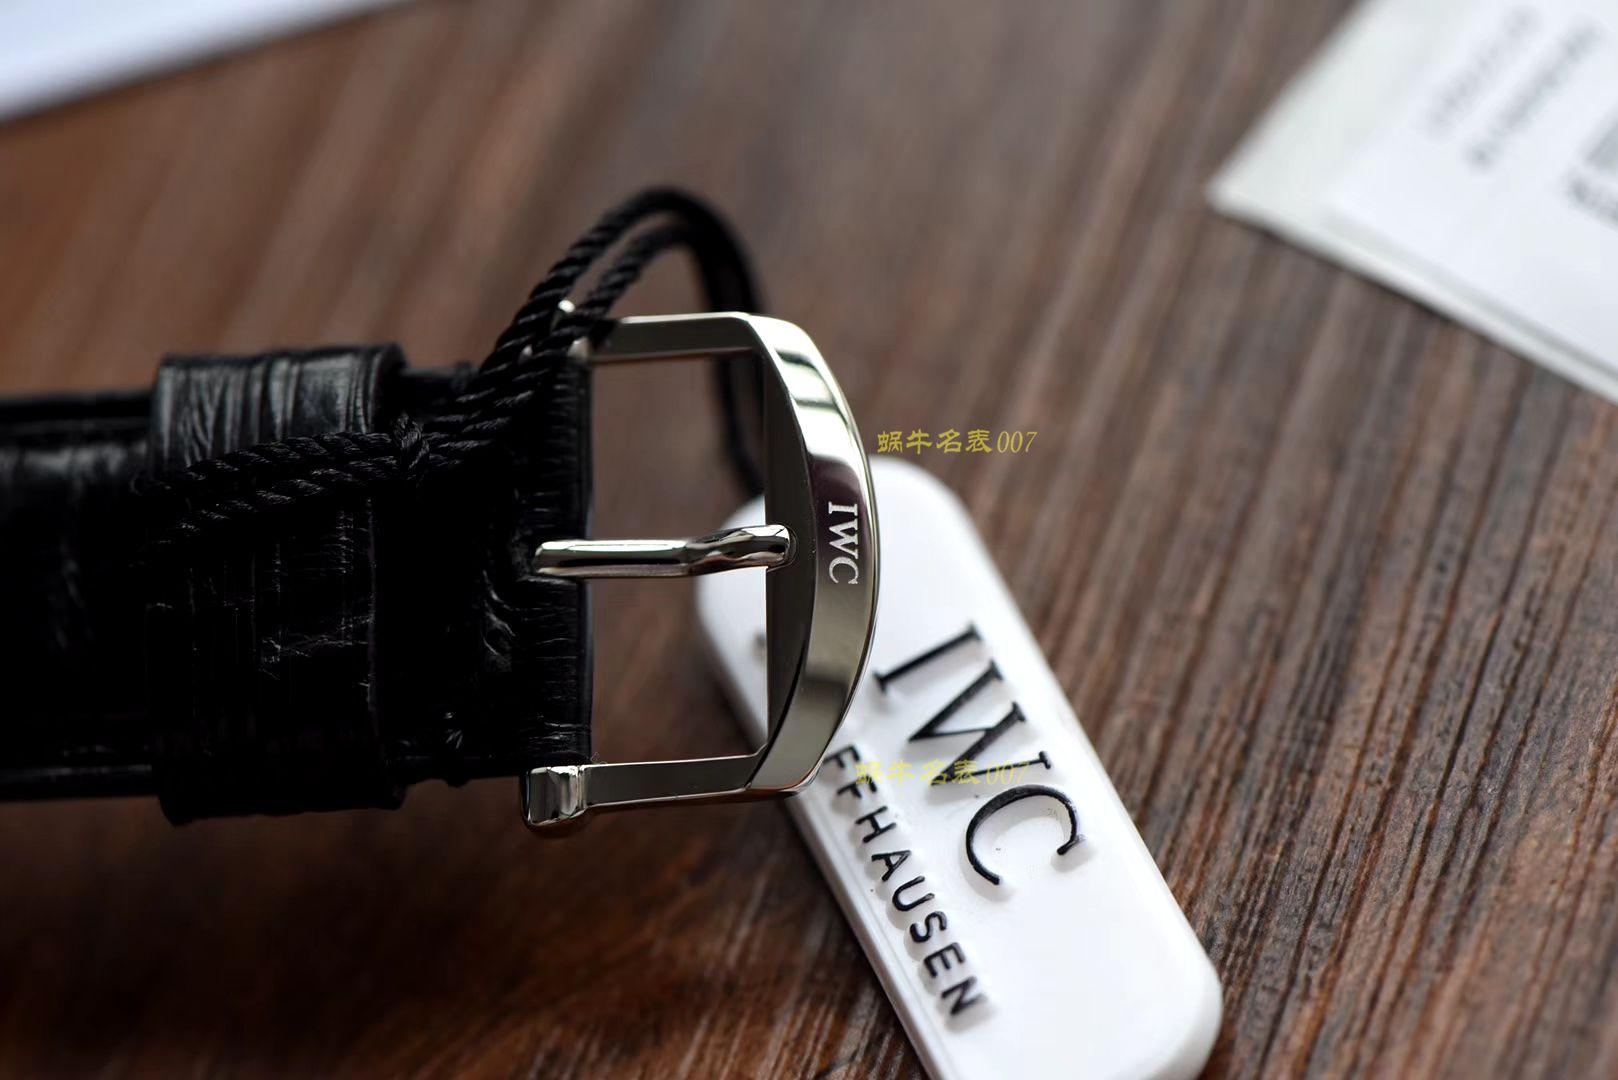 IWC万国表150周年纪念系列IW356518腕表【渠道原道】渠道出口订单!原封!缺个经销商印章就是正品! / WG197